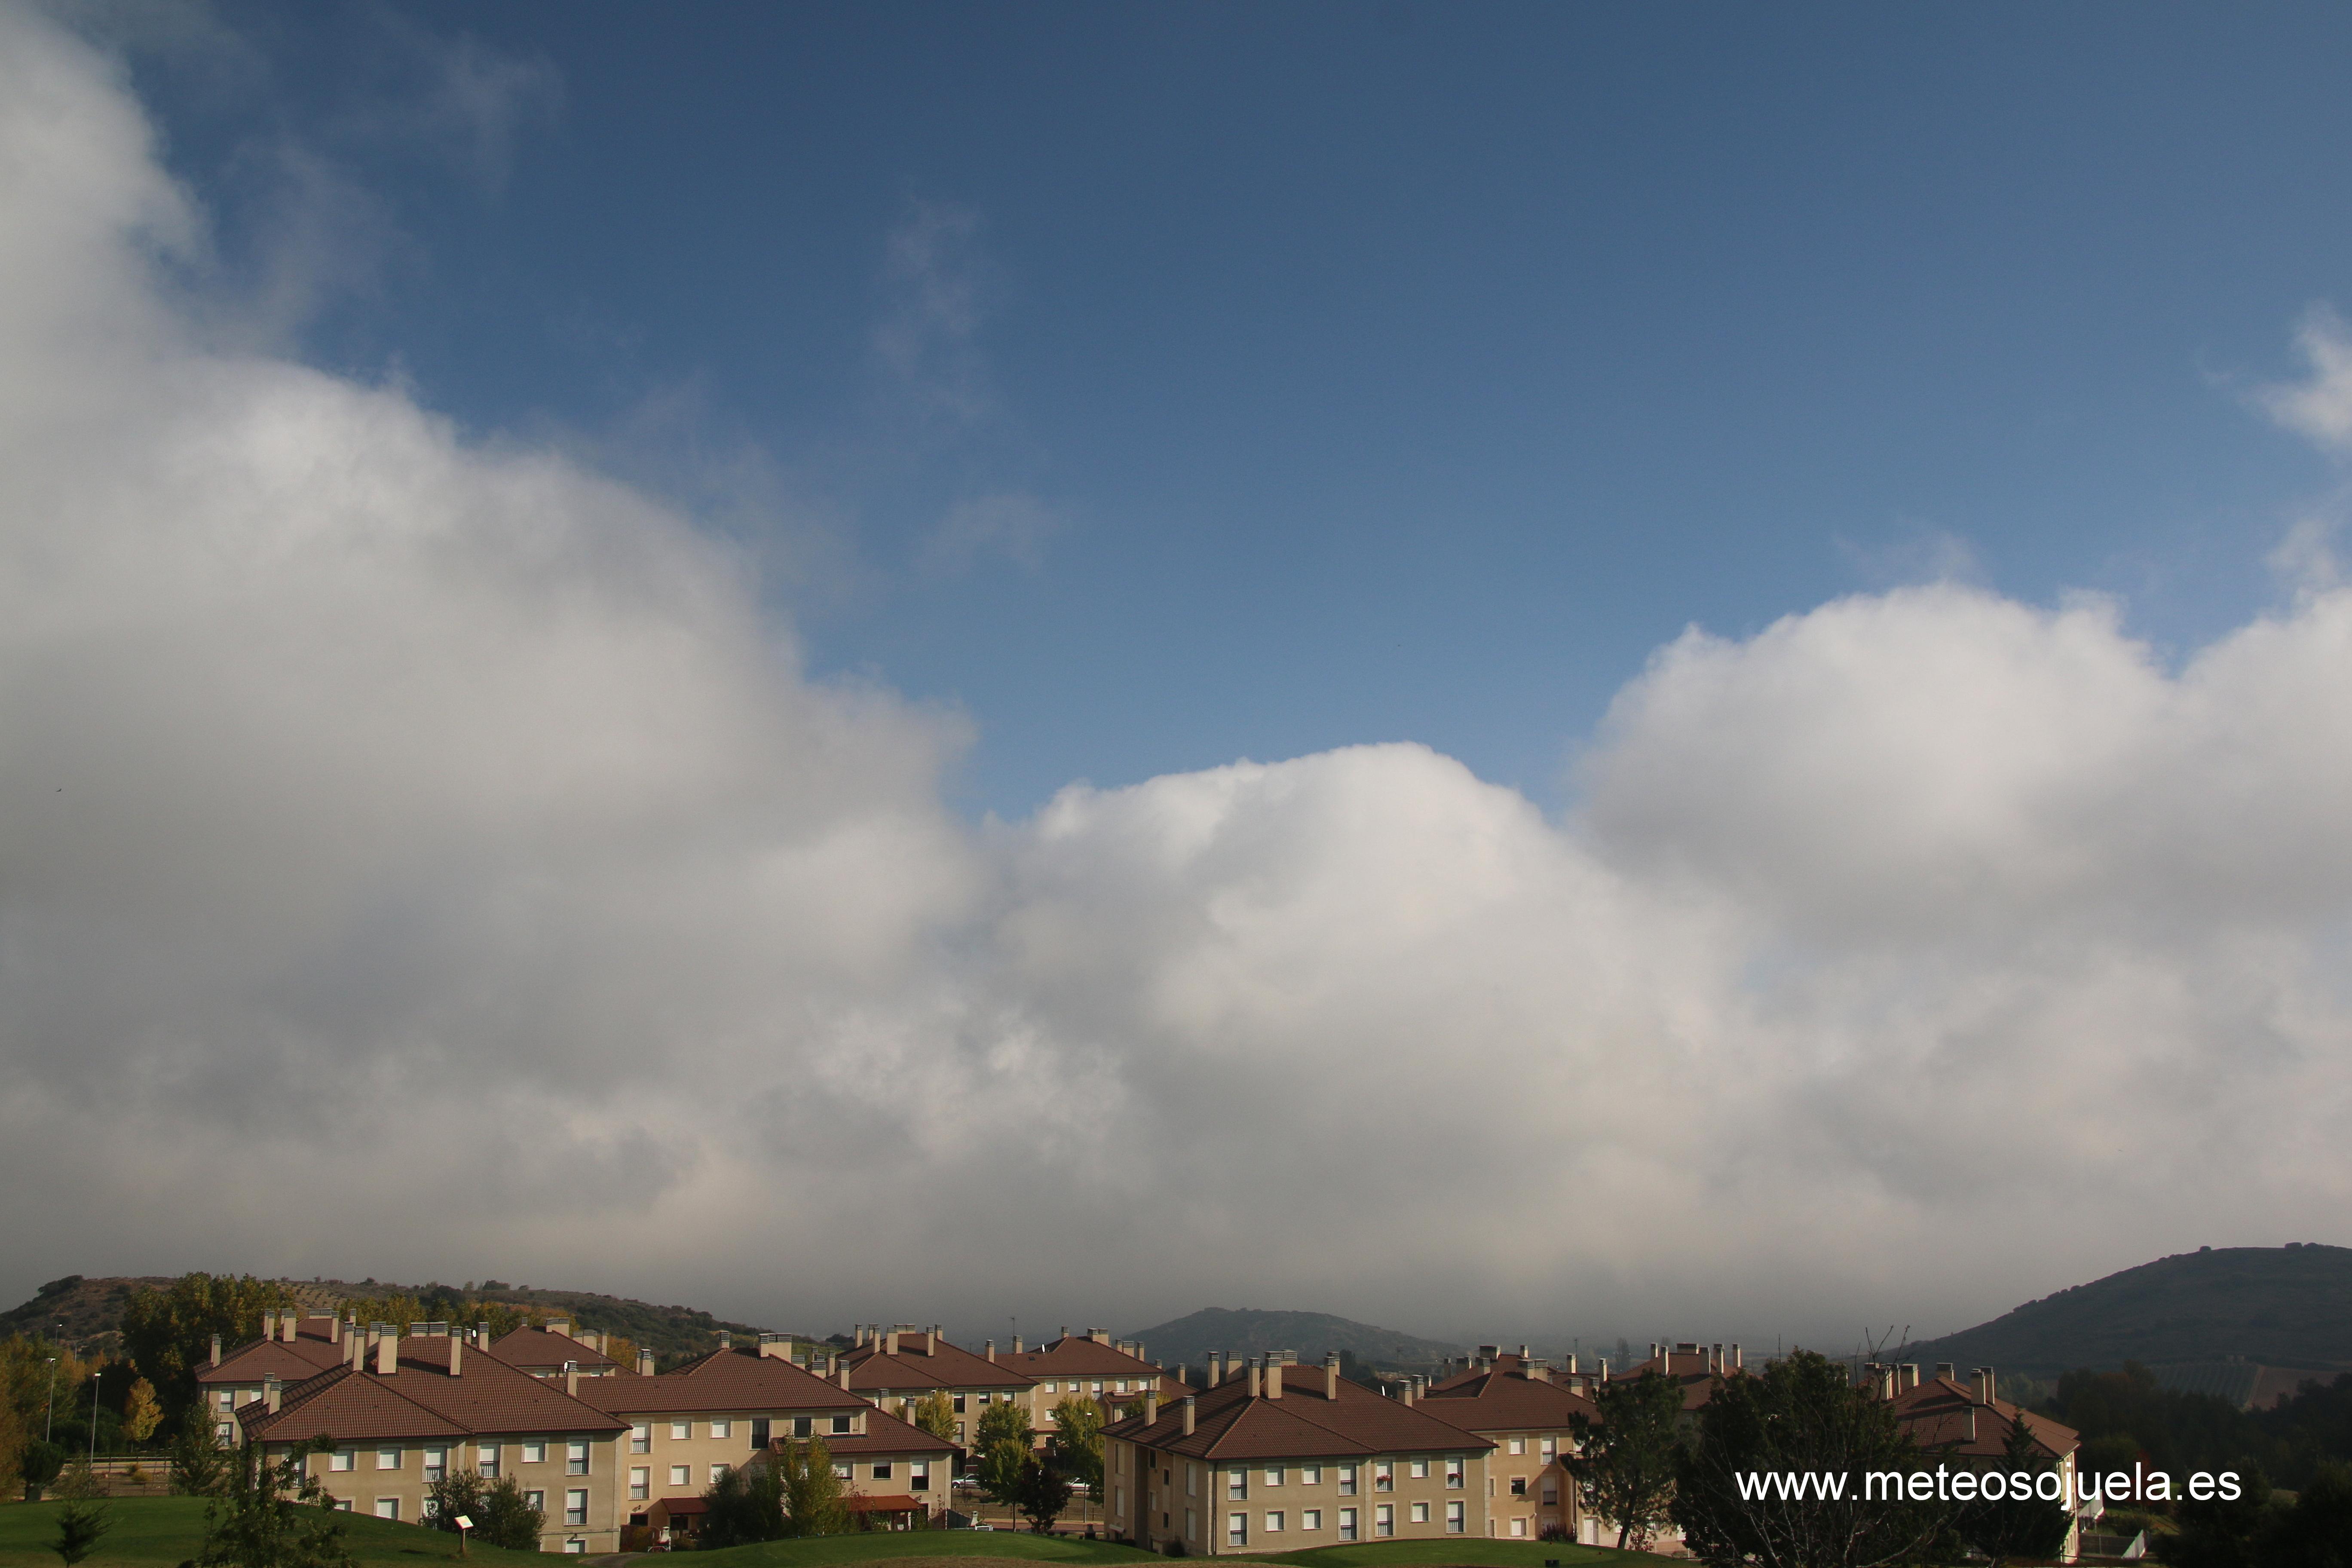 IMG_9893con nieblas sojuela tiempo,larioja,josecalvo,meteosojuela